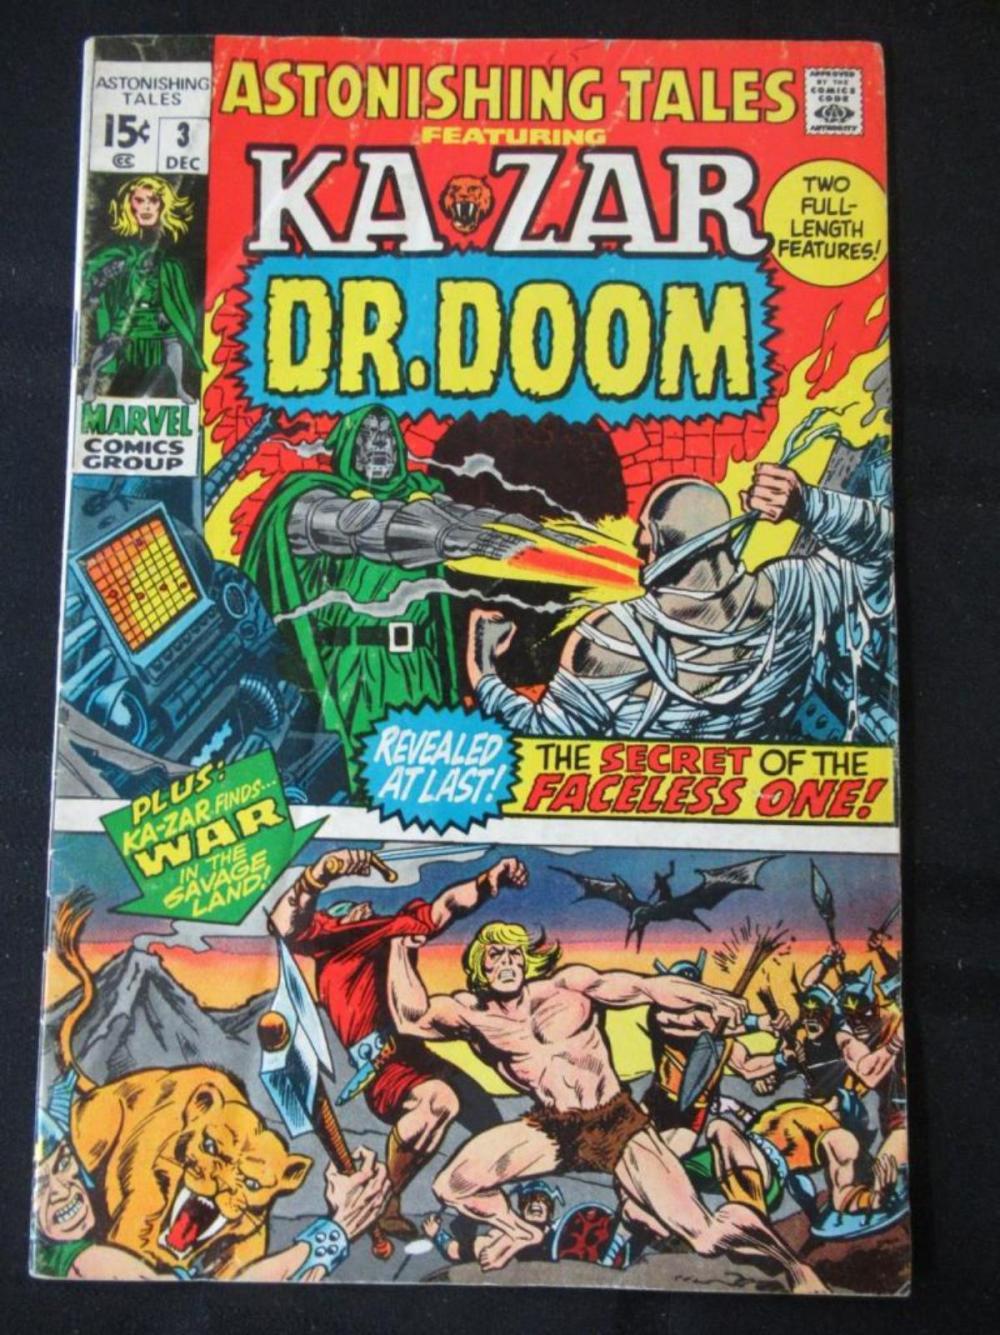 Ka Zar Dr Doom 15c #3 Secret of The Faceless One